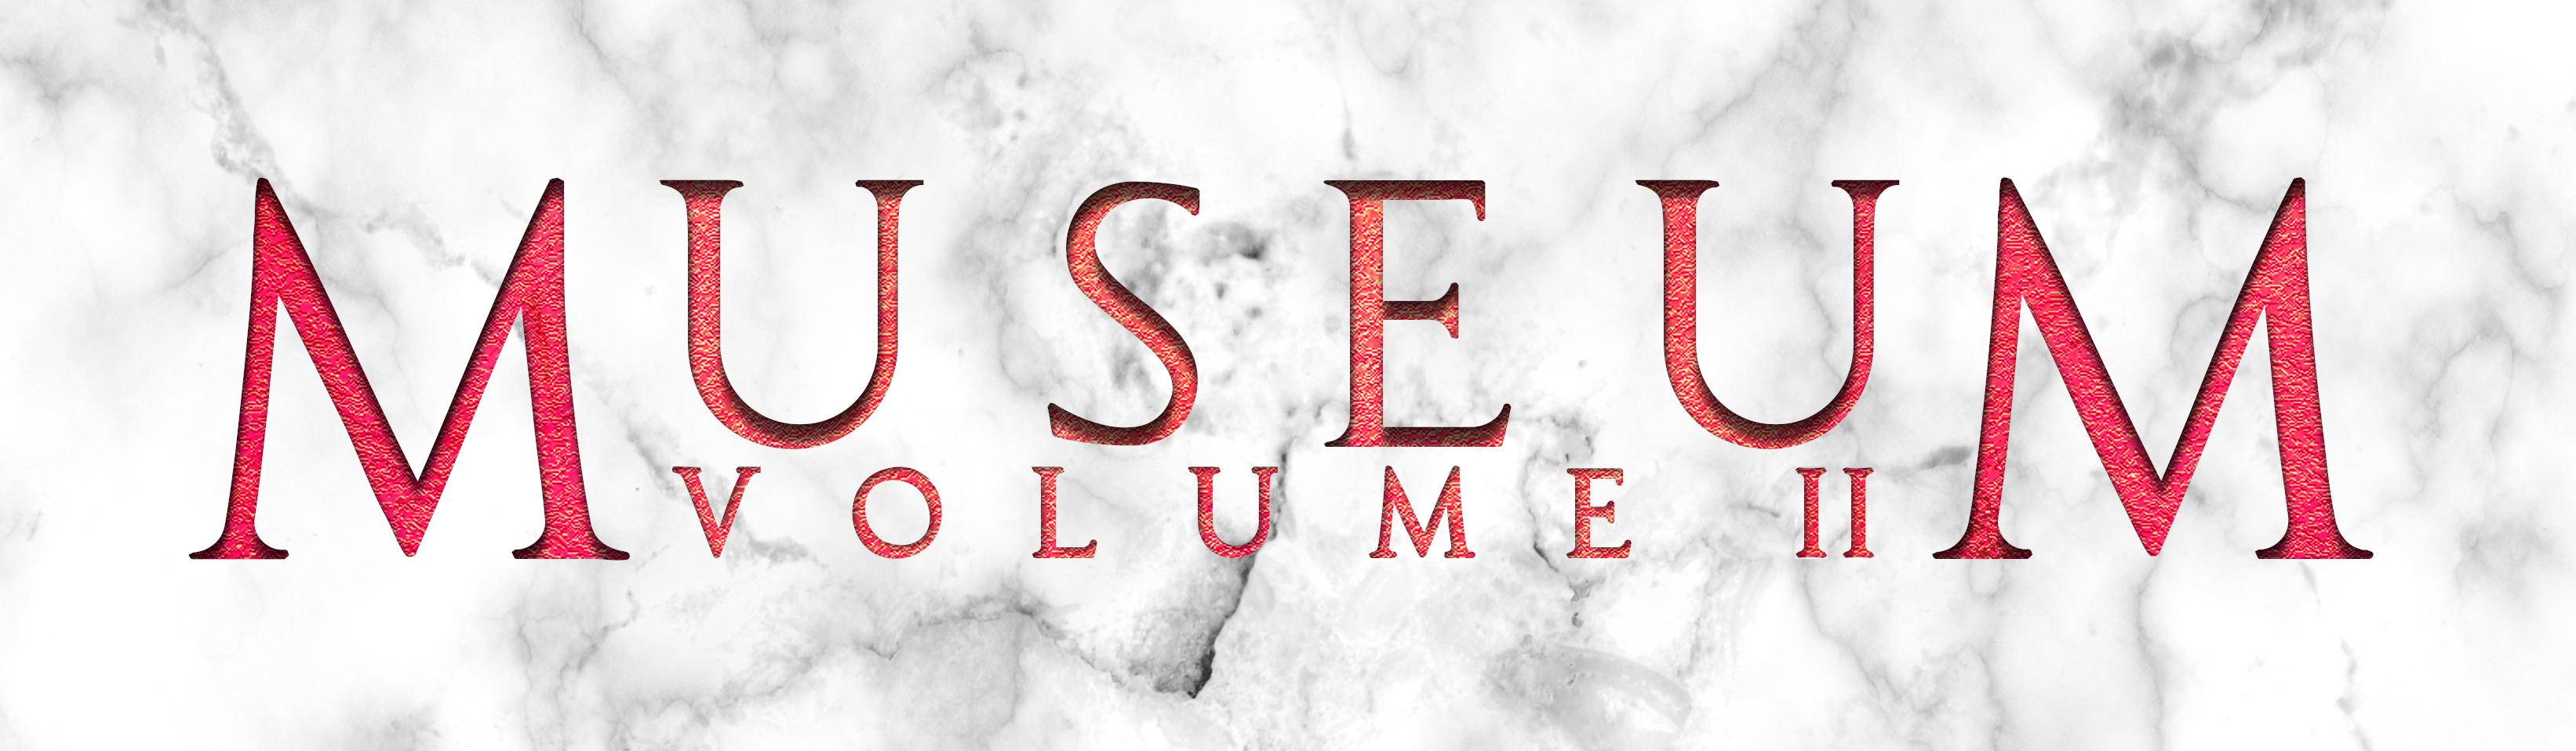 MUSEUM VOLUME II